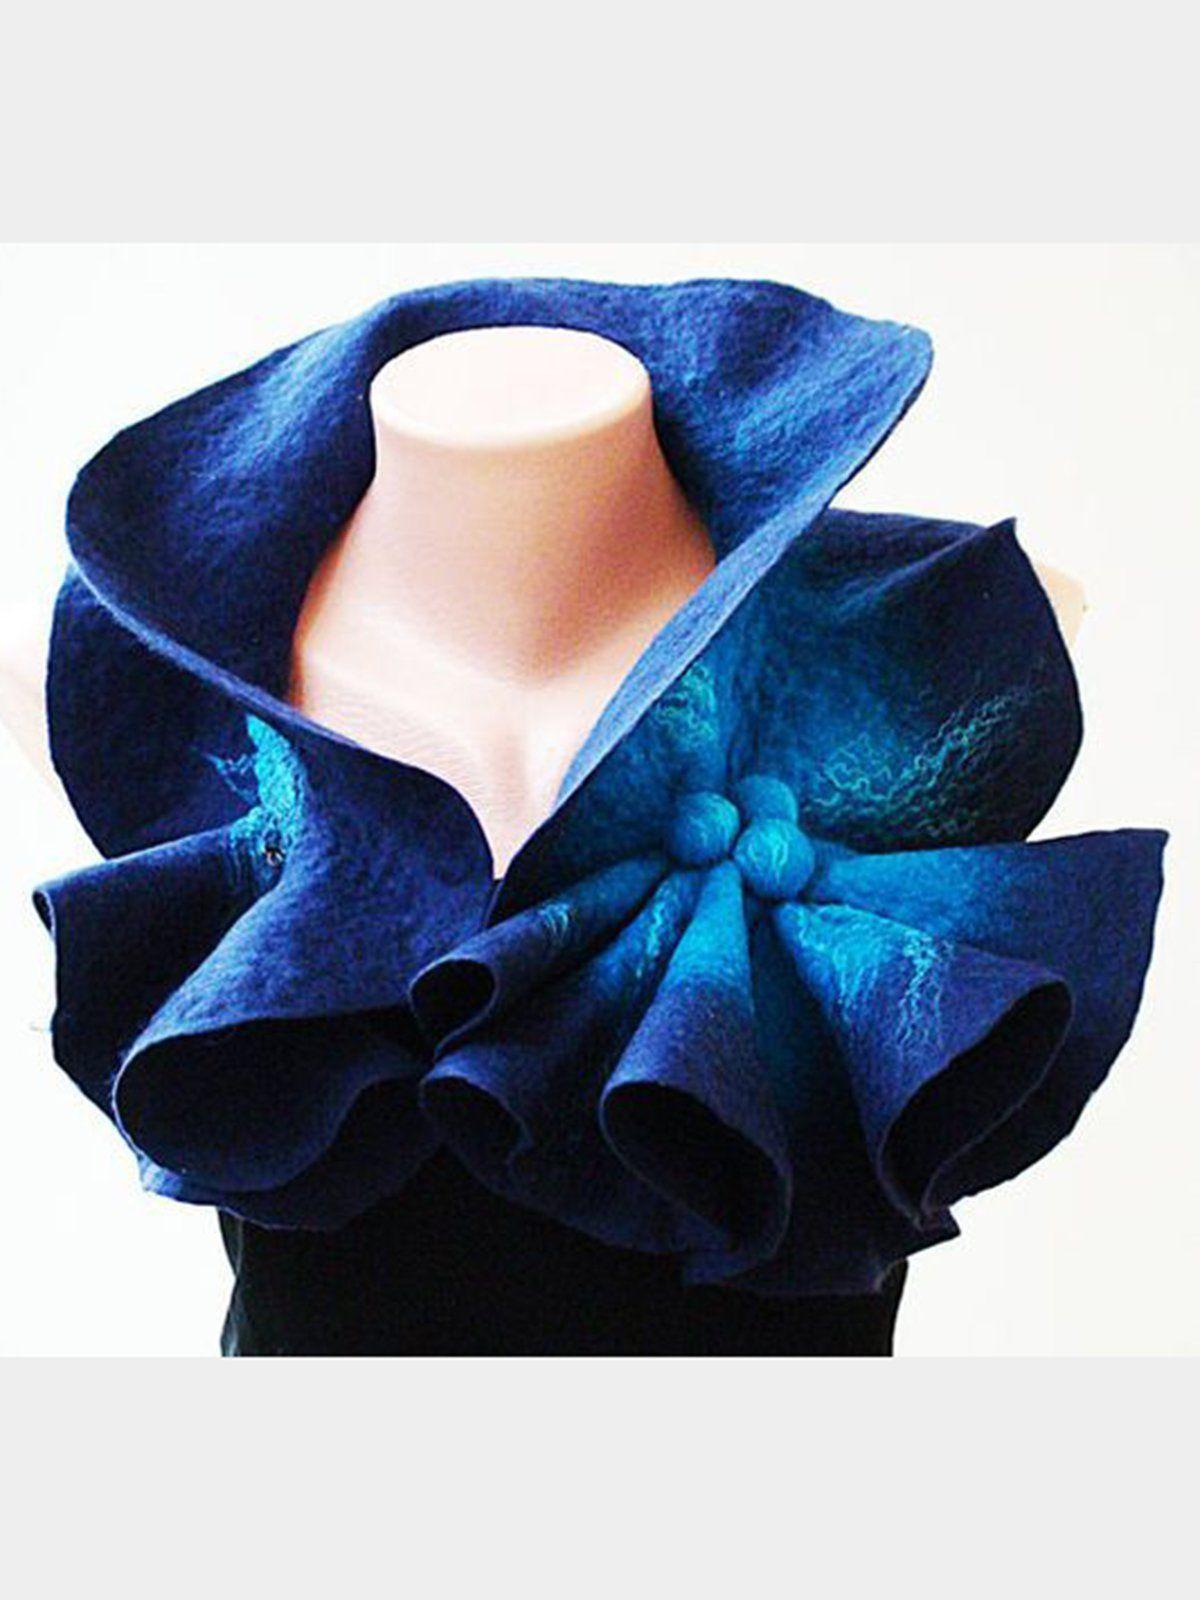 Anywellshop Ombre Tie Dye Blue Accessories Cotton Blend Spring Vintage Accessories Anywellshop Shibori Scarf Wool Scarf Tie Dye Cotton